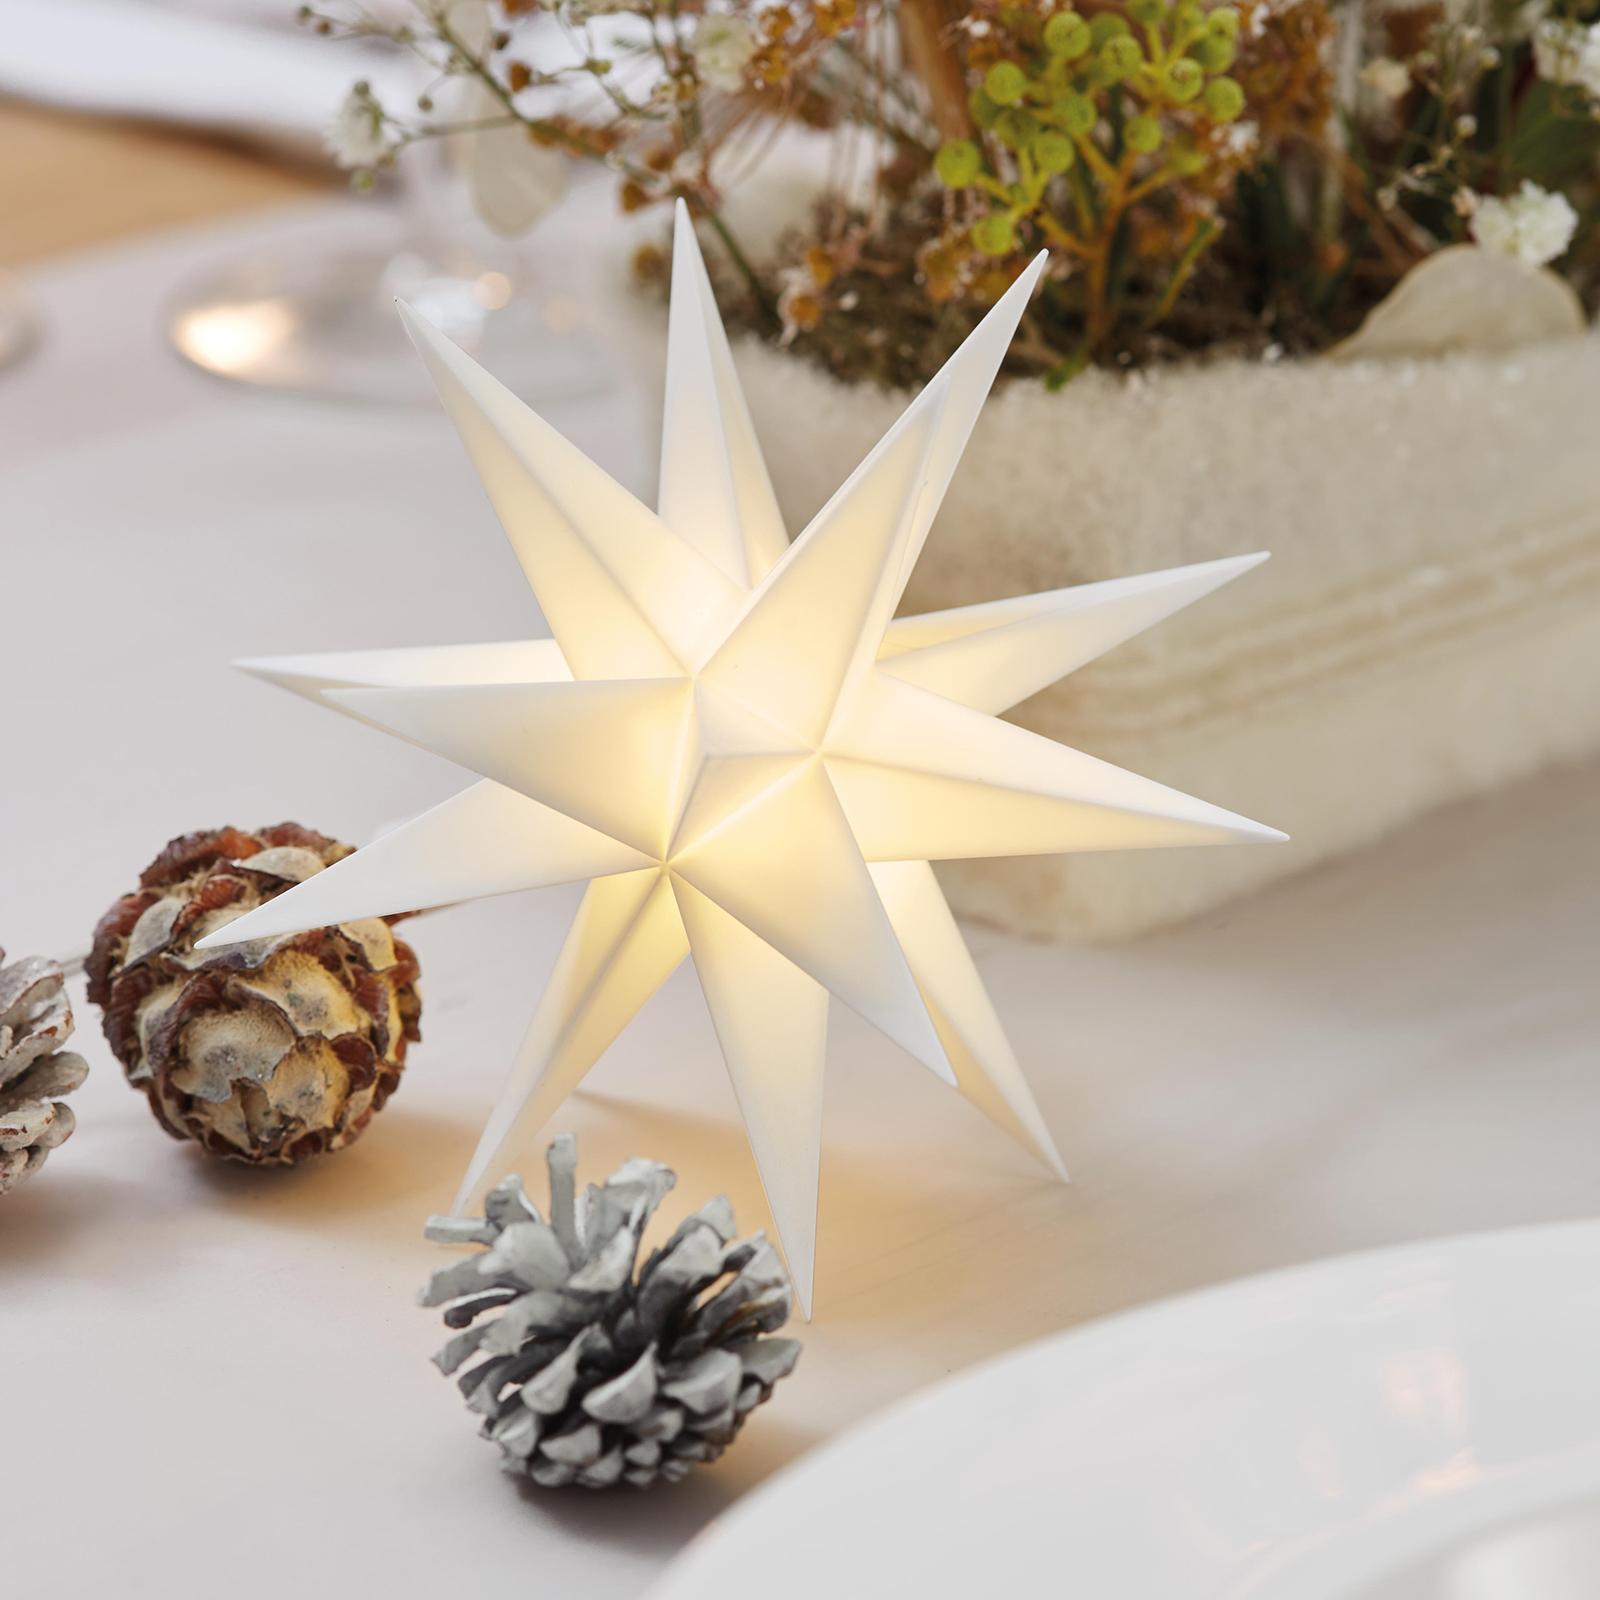 Indend. deko., 18-takket stjerne, Ø 12 cm, hvid